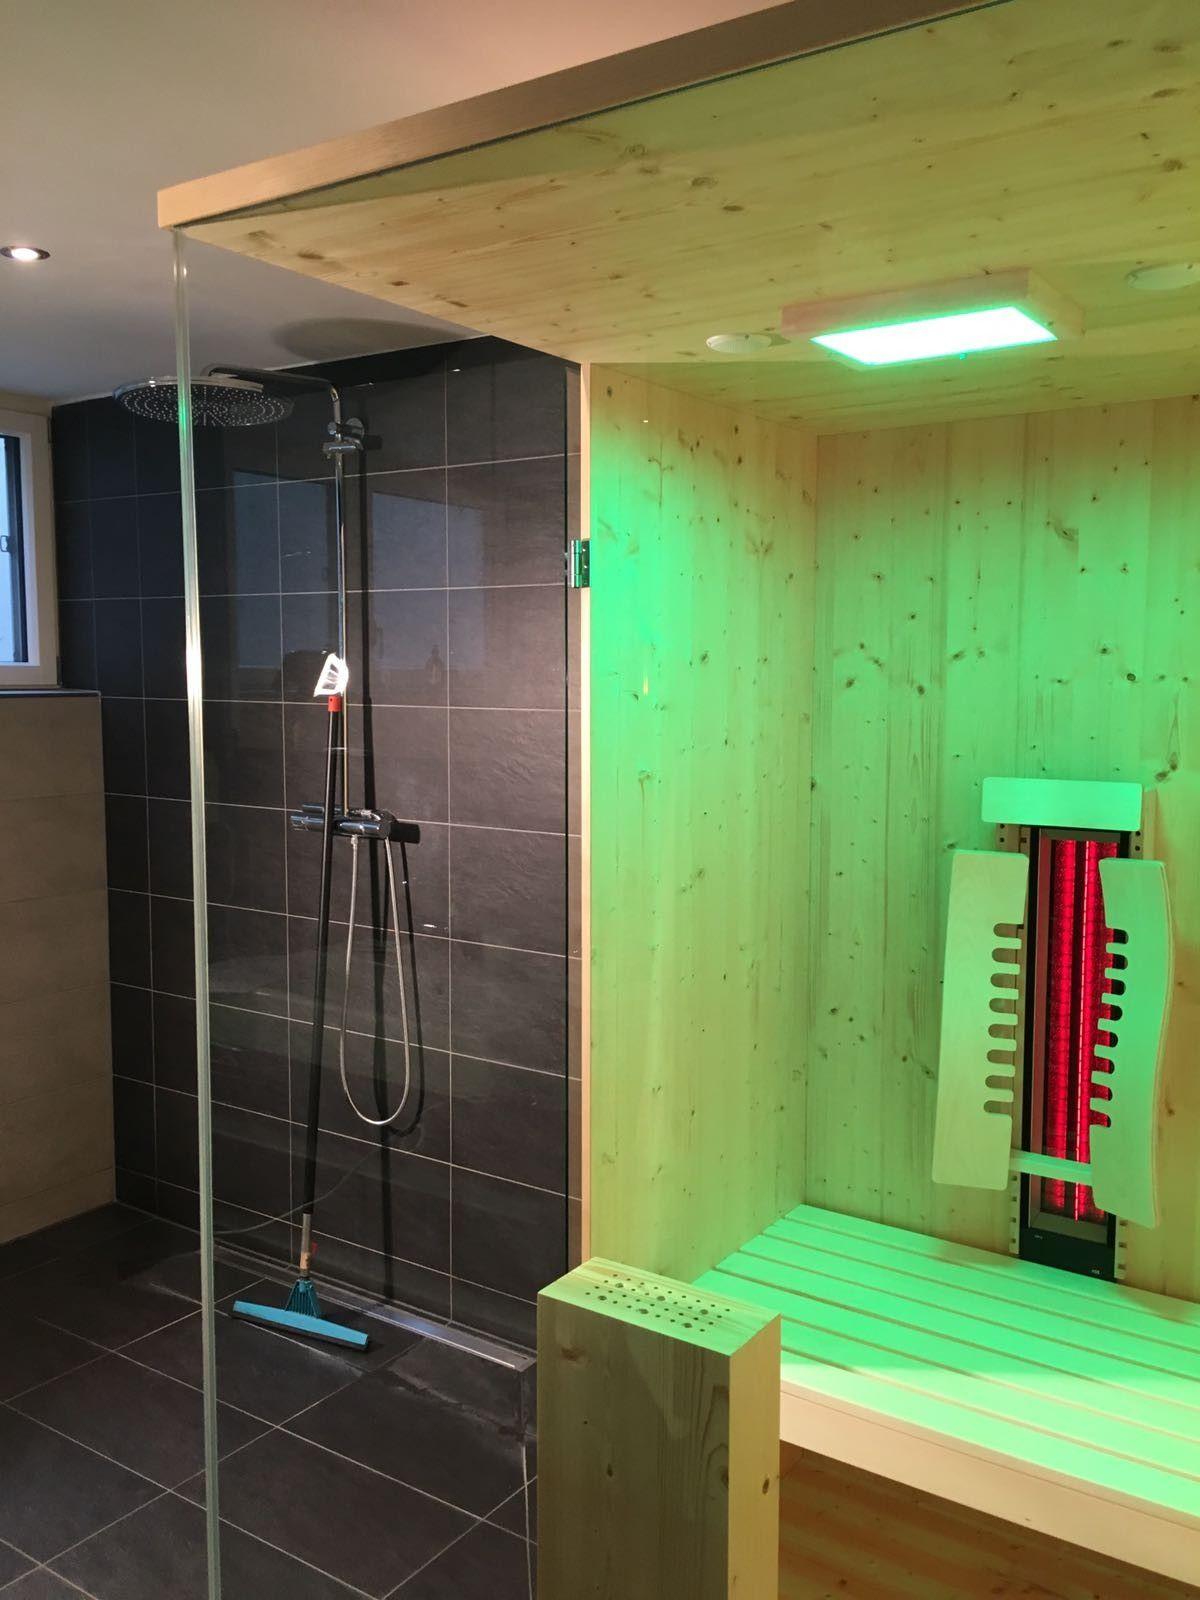 Tiefenwarmekabine Im Badezimmer Integriert Durch Viele Glasflachen Fugt Sich Diese Infrarotkabine Nahtlos Ins Portable Sauna Traditional Saunas Locker Storage